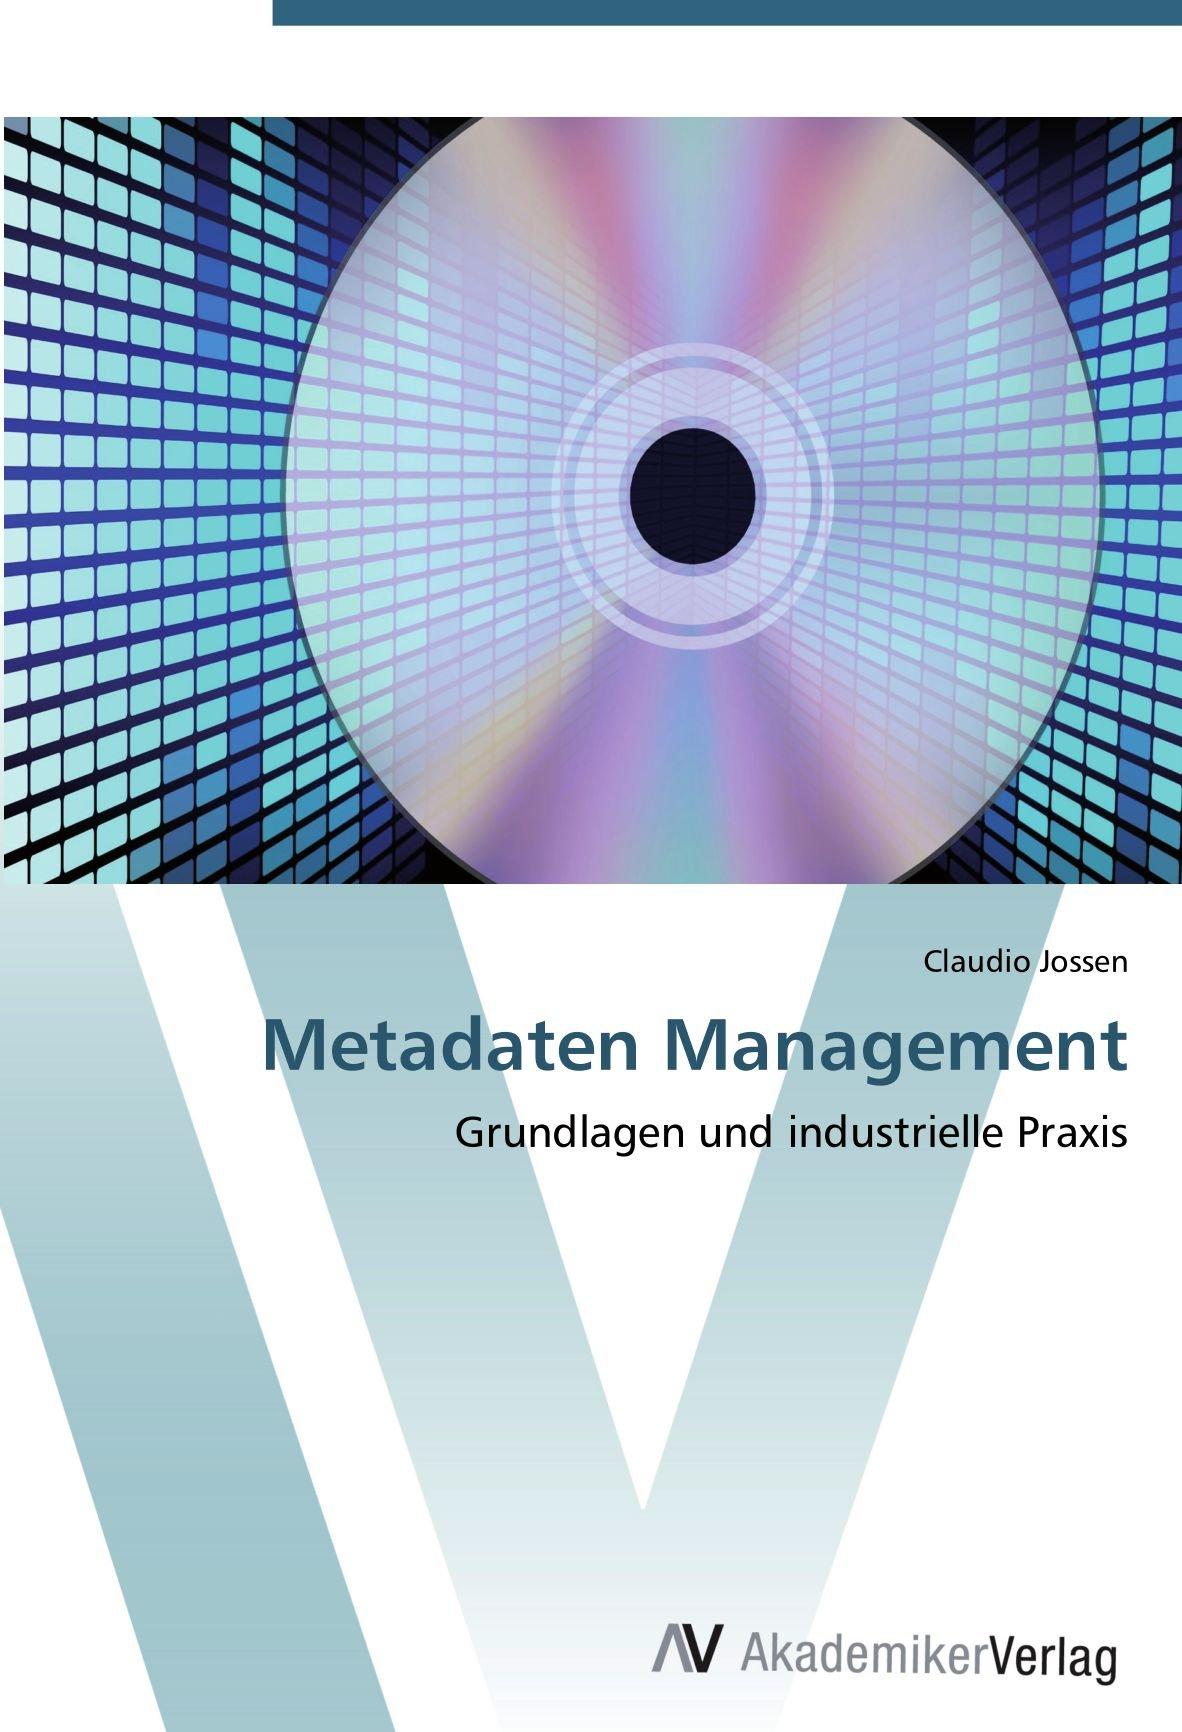 Download Metadaten Management: Grundlagen und industrielle Praxis (German Edition) ebook